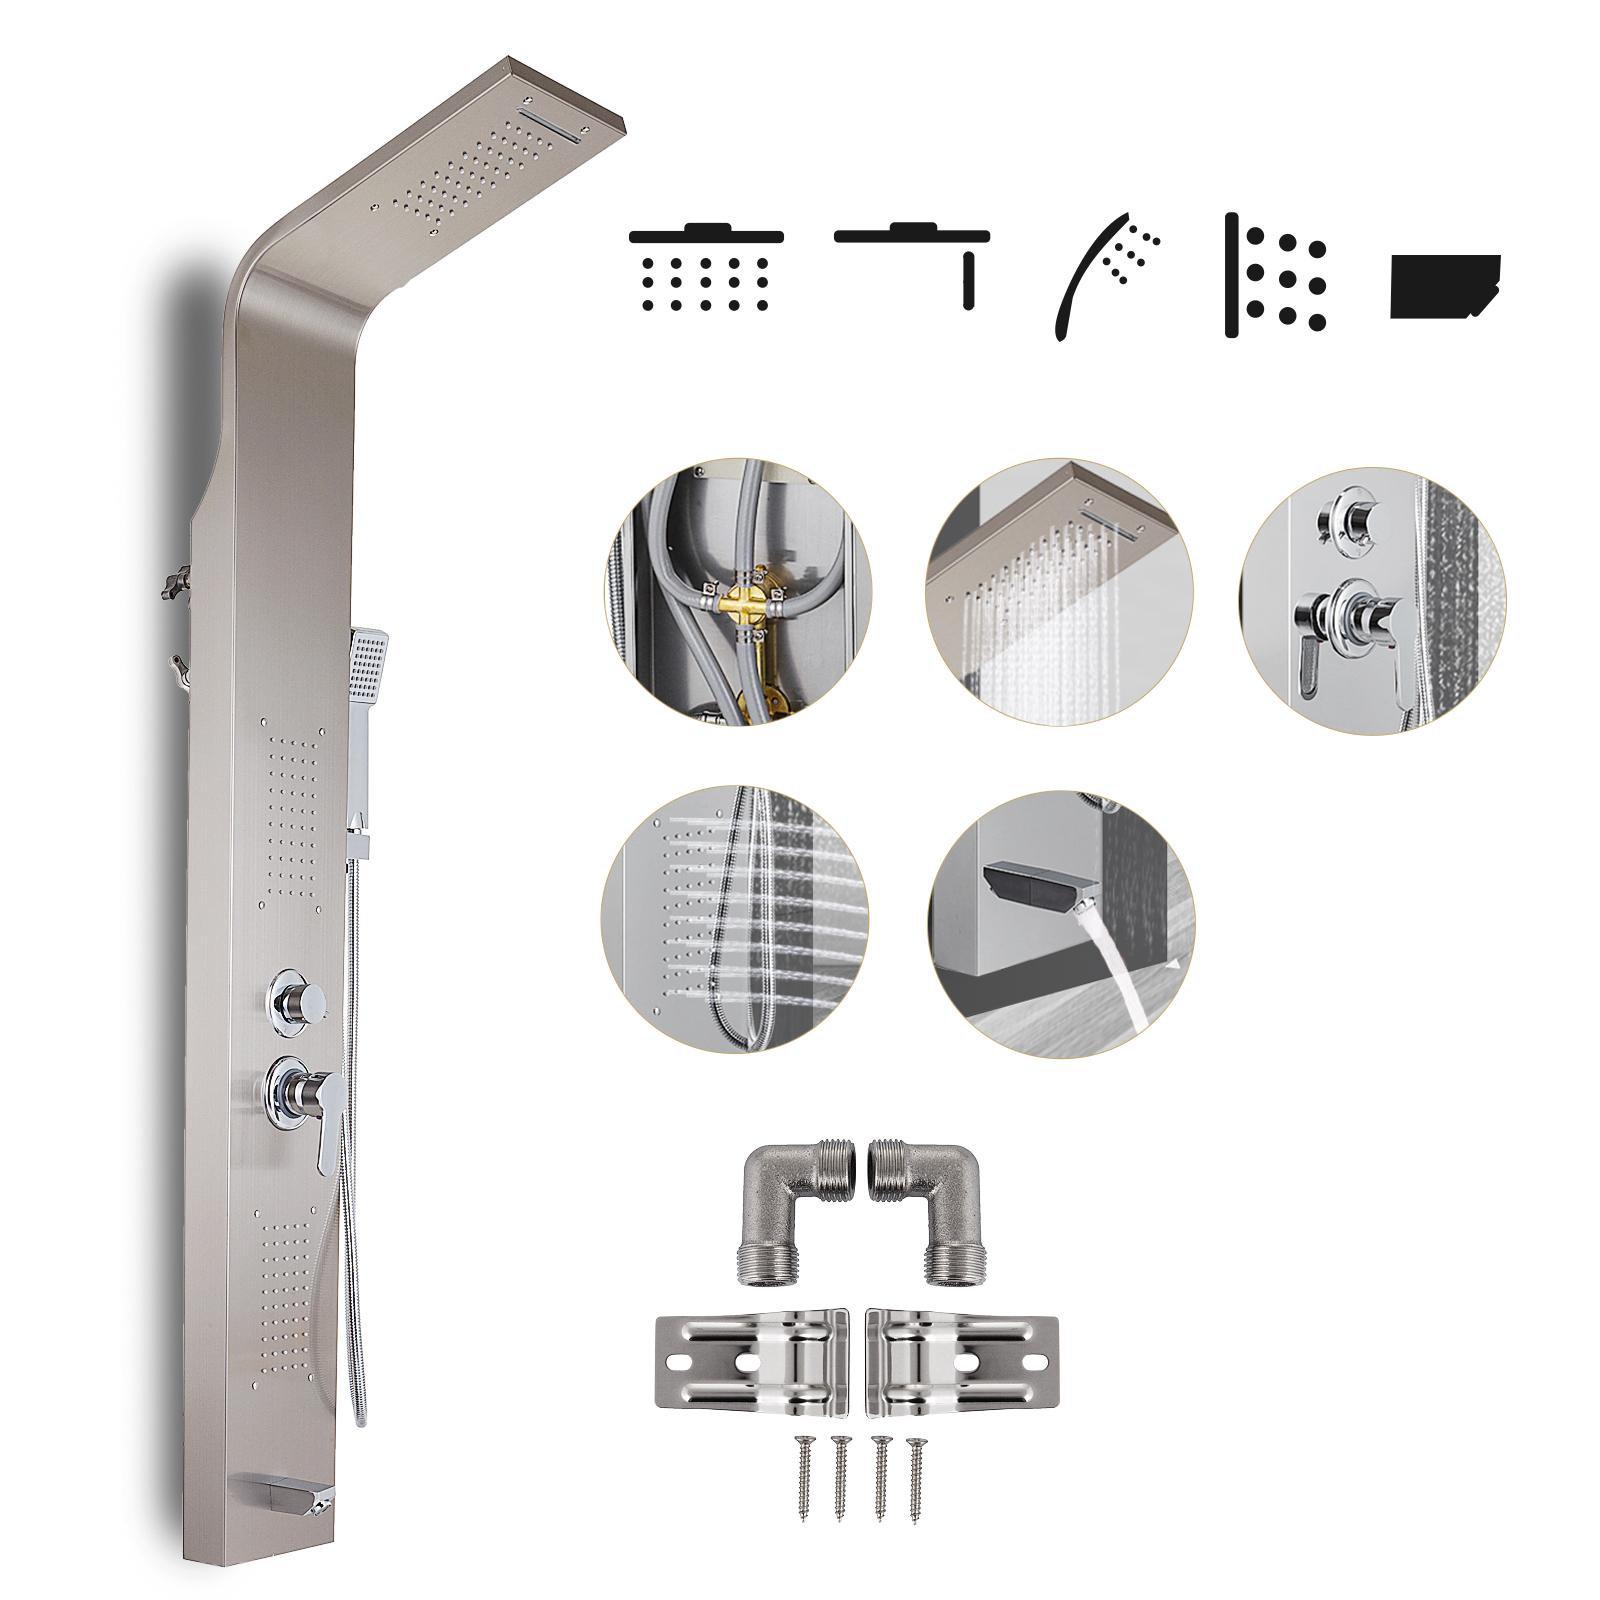 Pannello-doccia-idromassaggio-colonna-in-acciaio-inossidabile-con-miscelatore miniatura 48